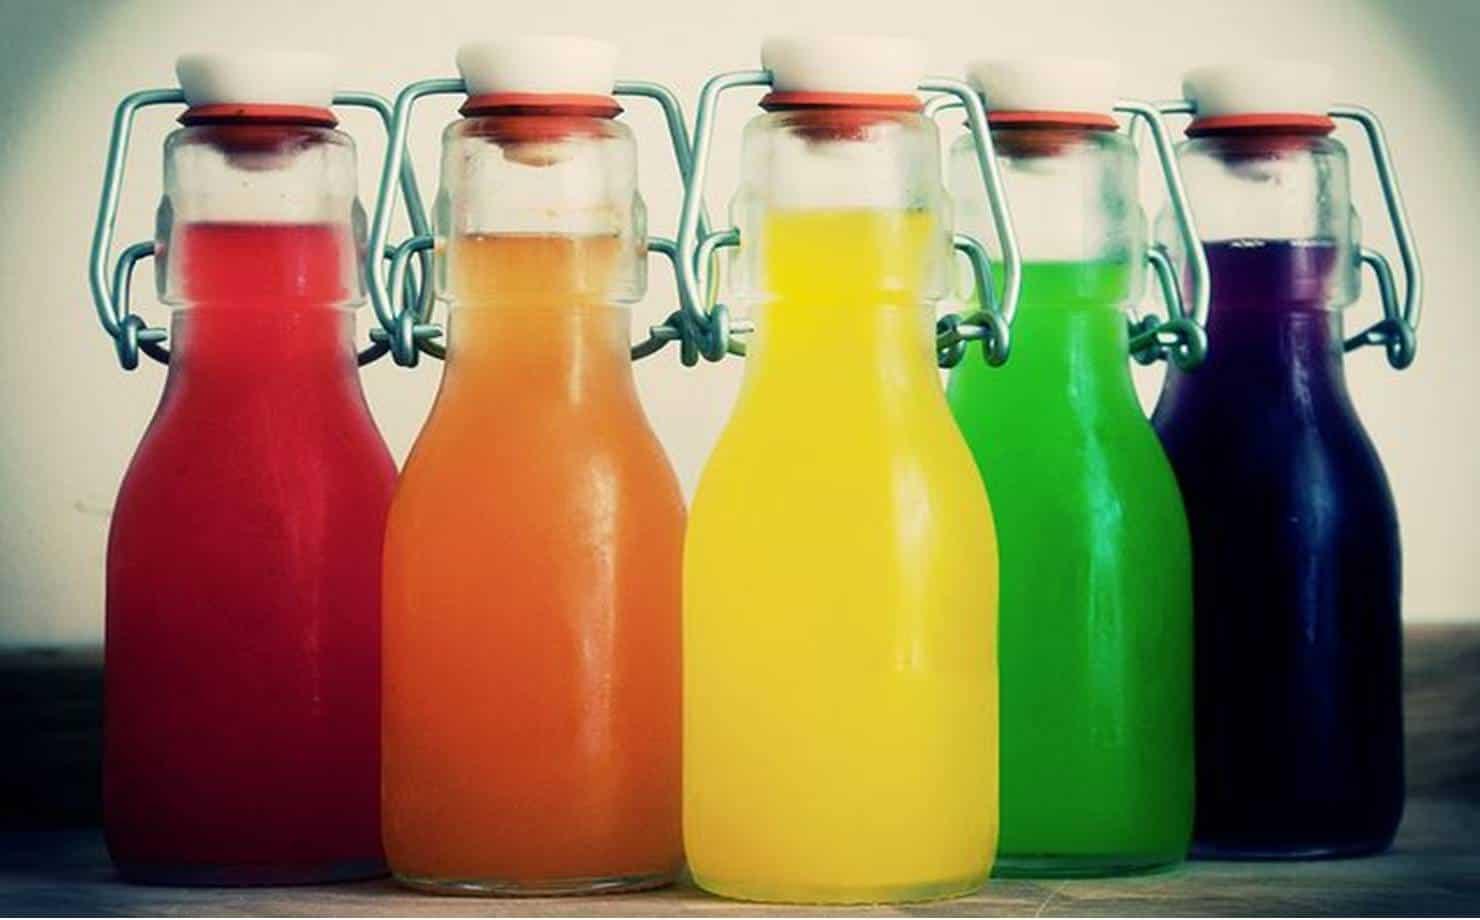 Confira duas receitas saudáveis de refrigerante caseiro